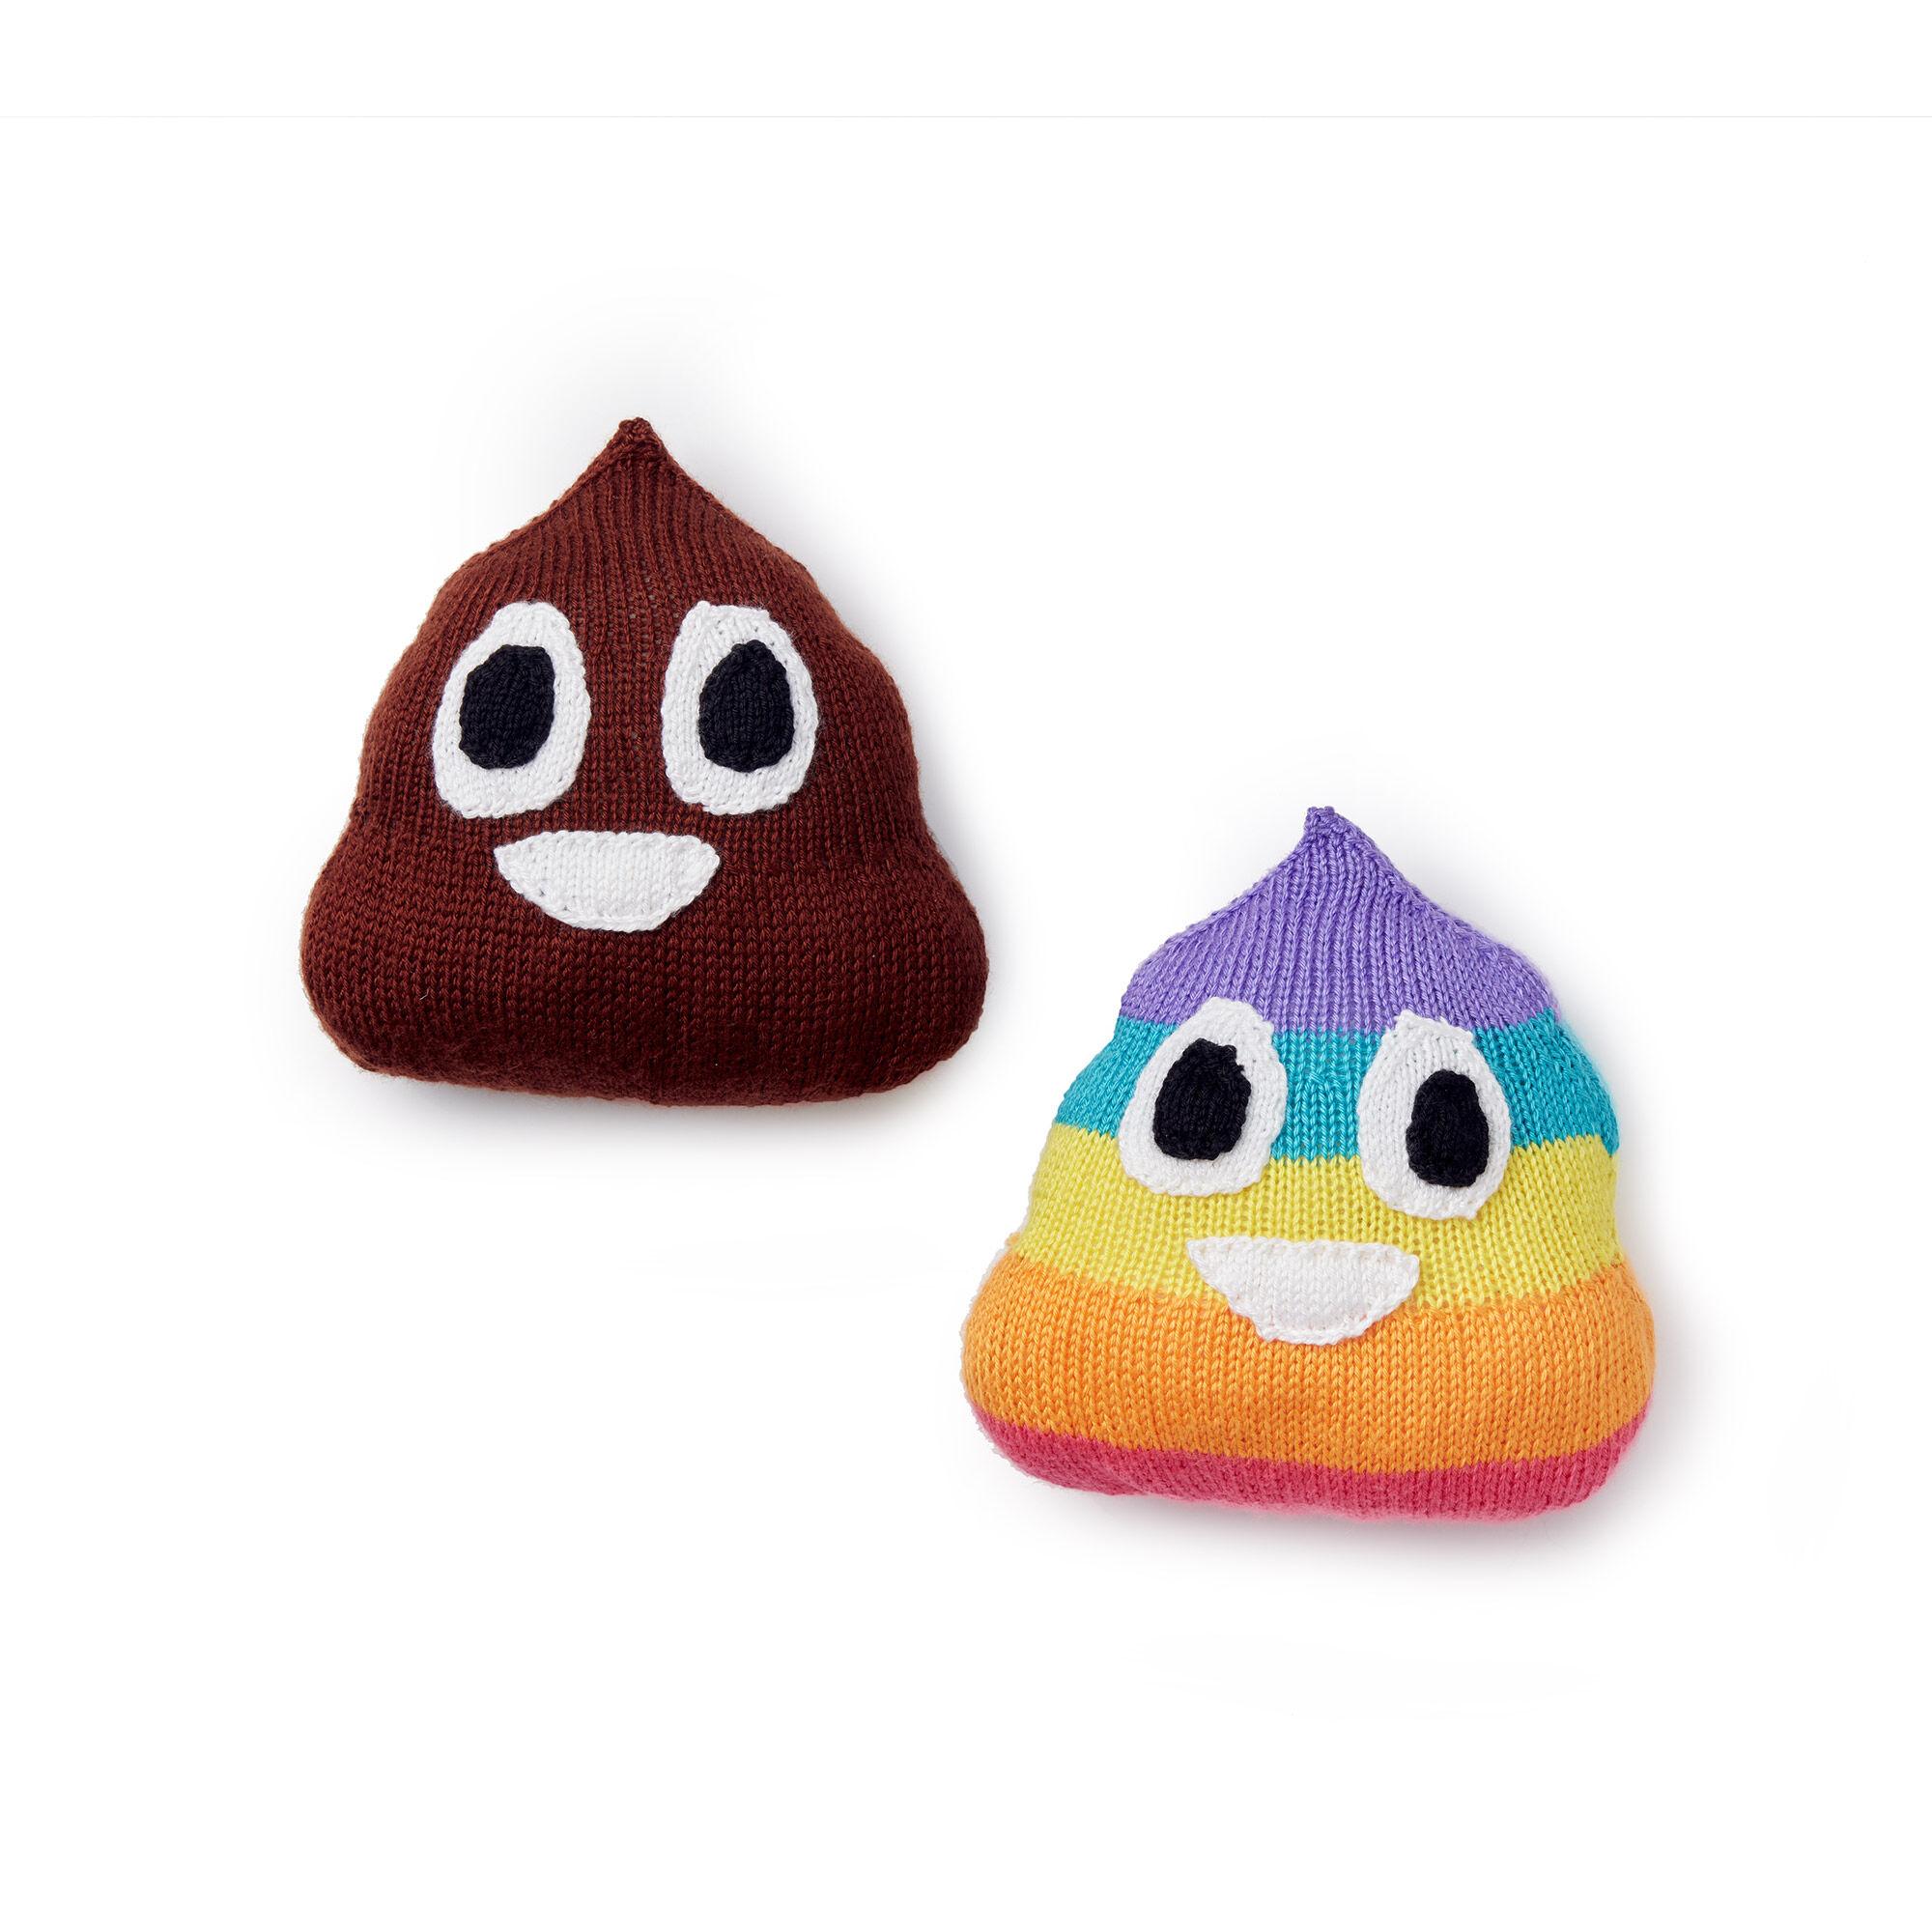 Caron Poop Emoji Knit Pillows, Version 1 Pattern | Yarnspirations